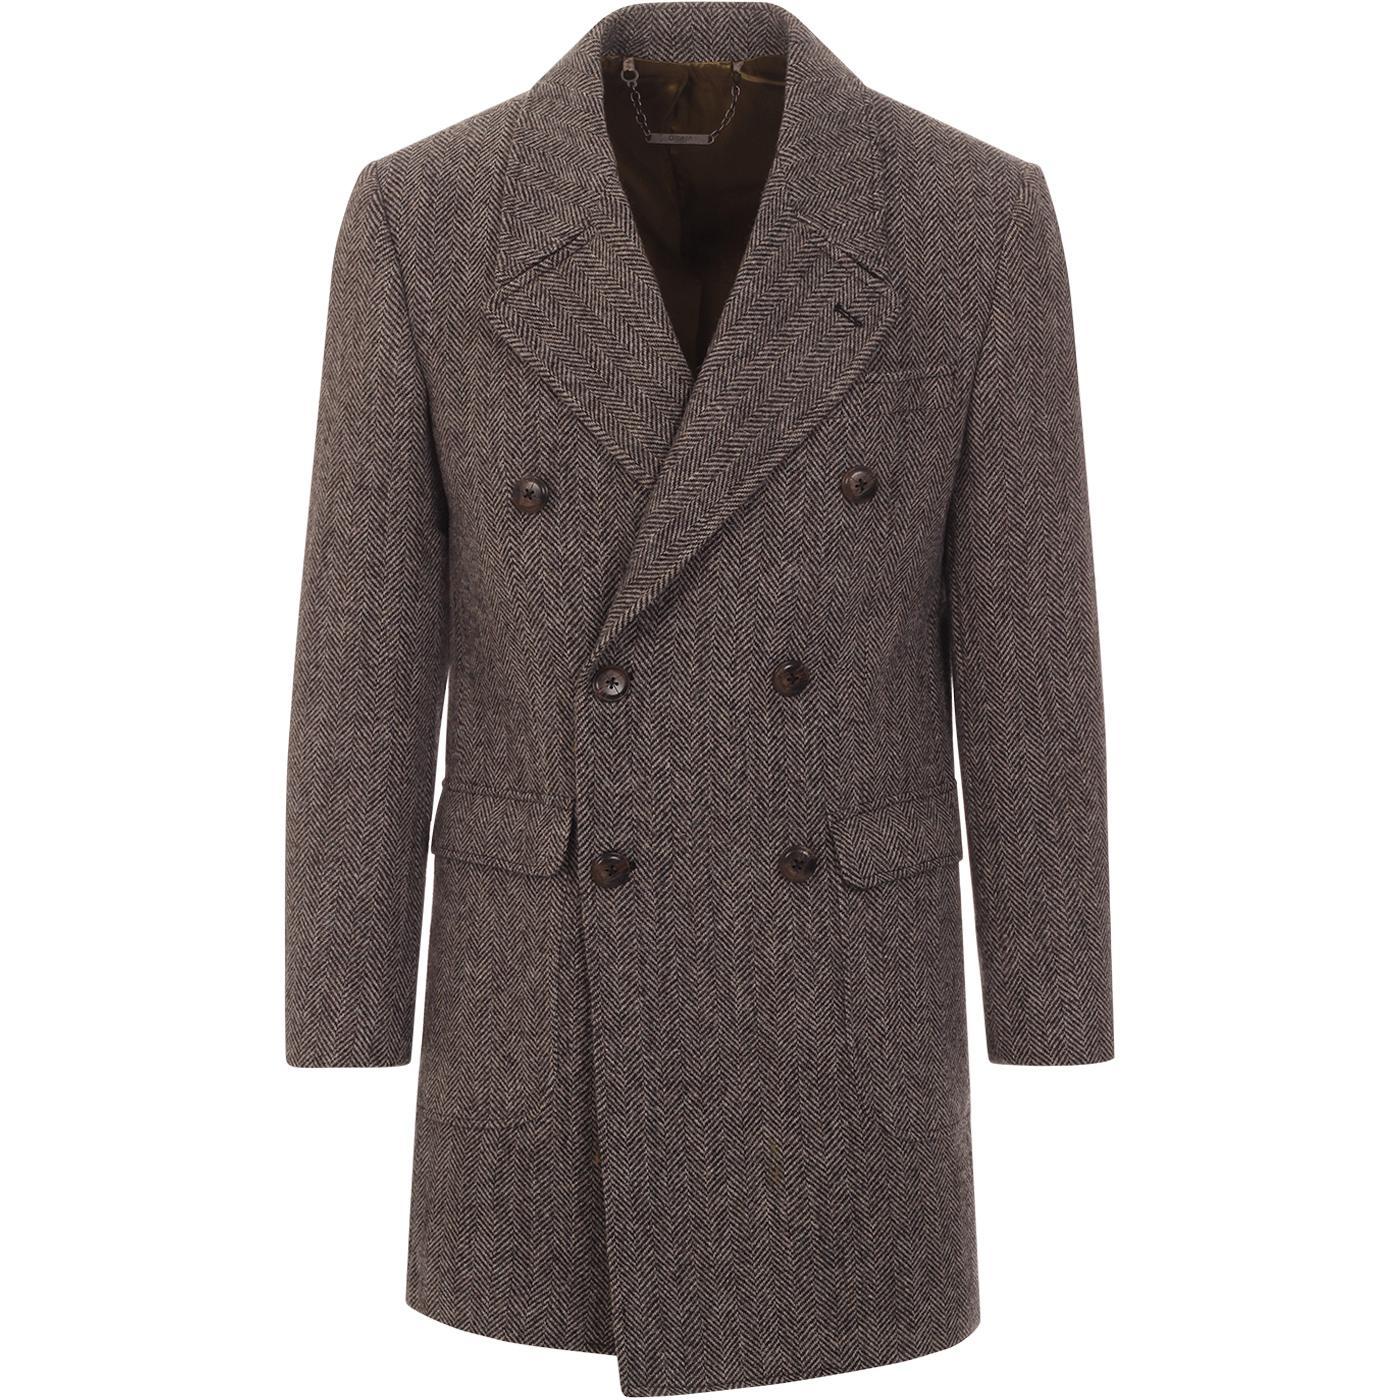 GIBSON LONDON Mod Double Breasted Herringbone Coat